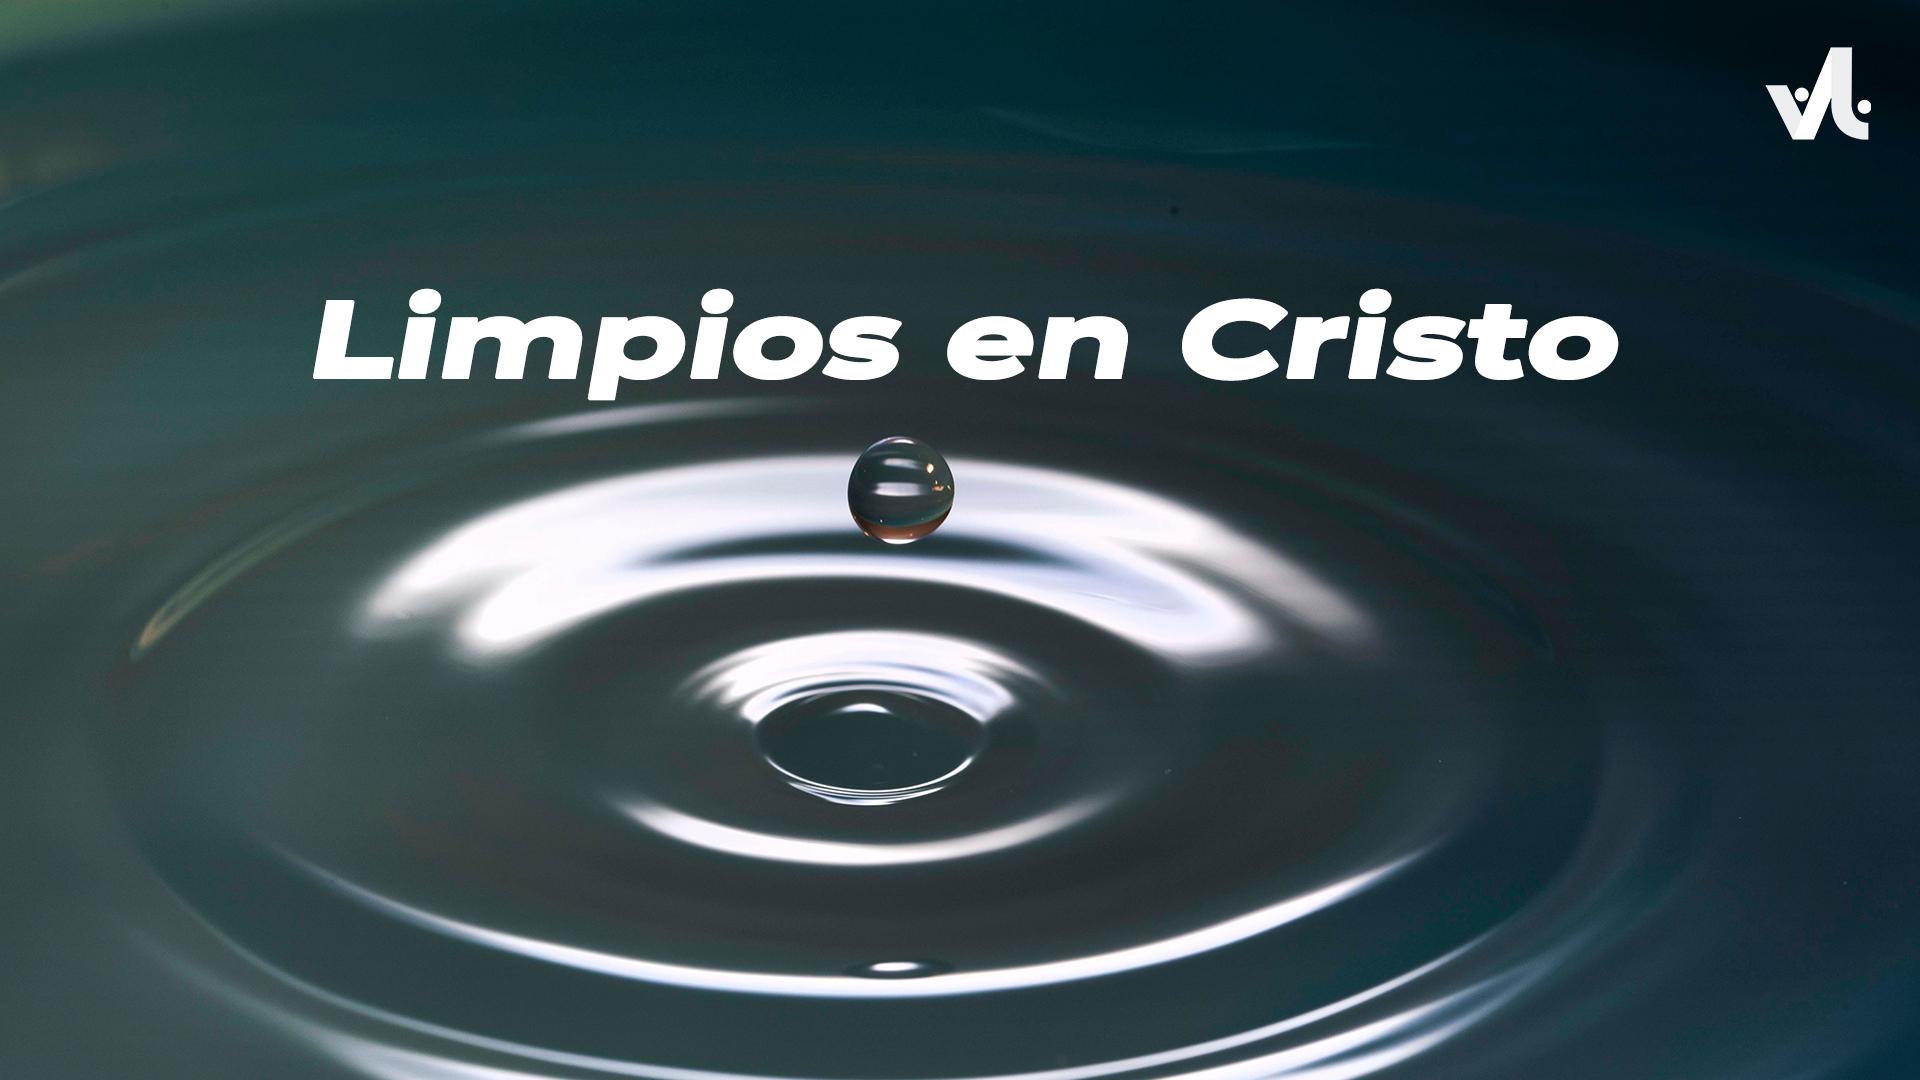 Limpios en Cristo